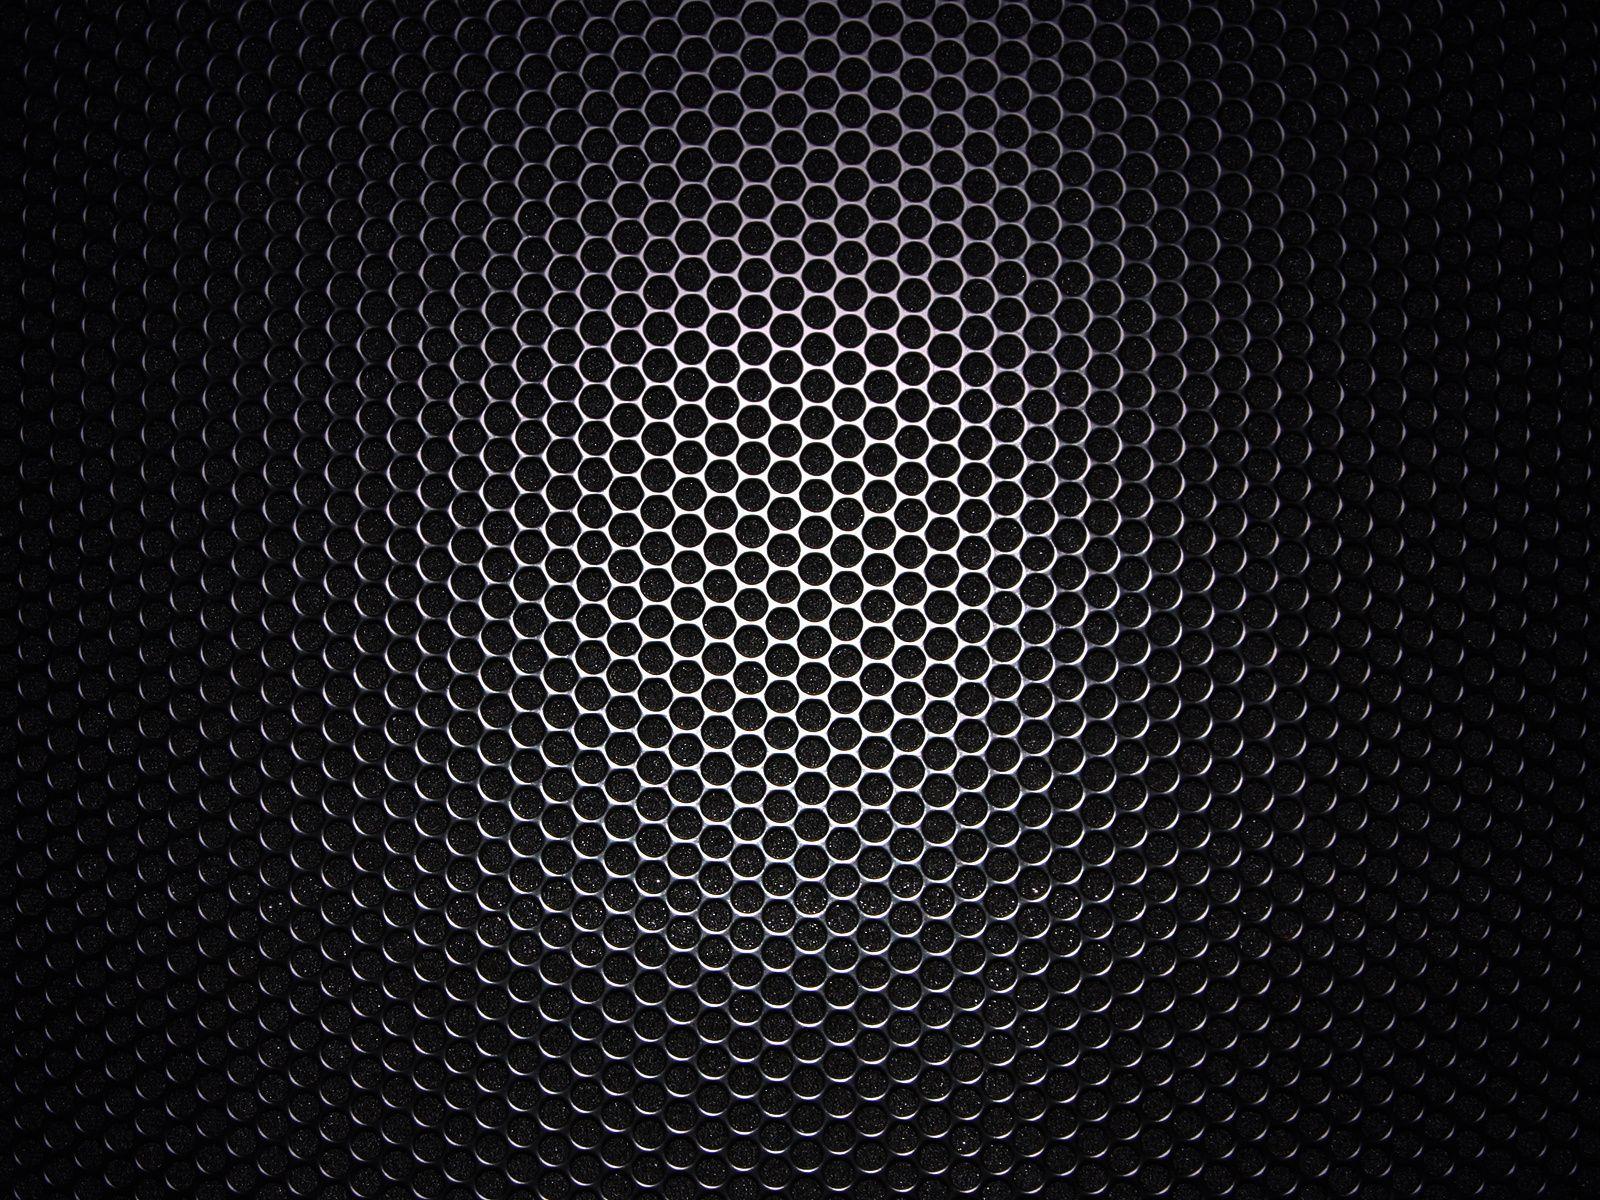 carbon fiber wallpaper hd | ... desktop wallpaper download texture carbon fiber best wallpaper ...